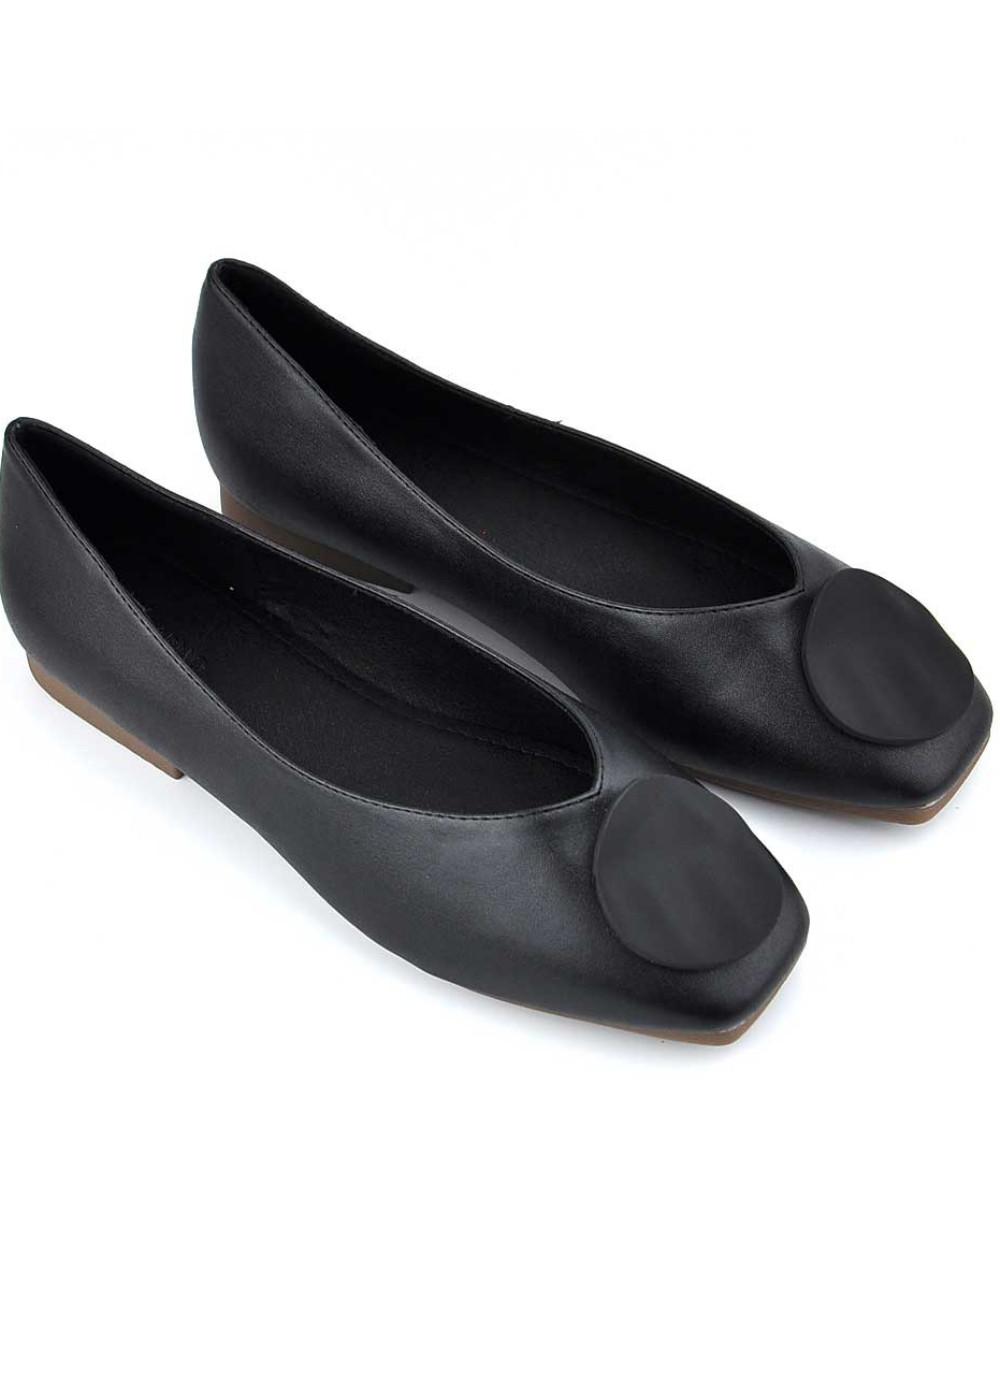 Giày búp bê nữ da phối khóa tròn cao cấp, siêu êm PABNO BH 12 Tháng PN12009